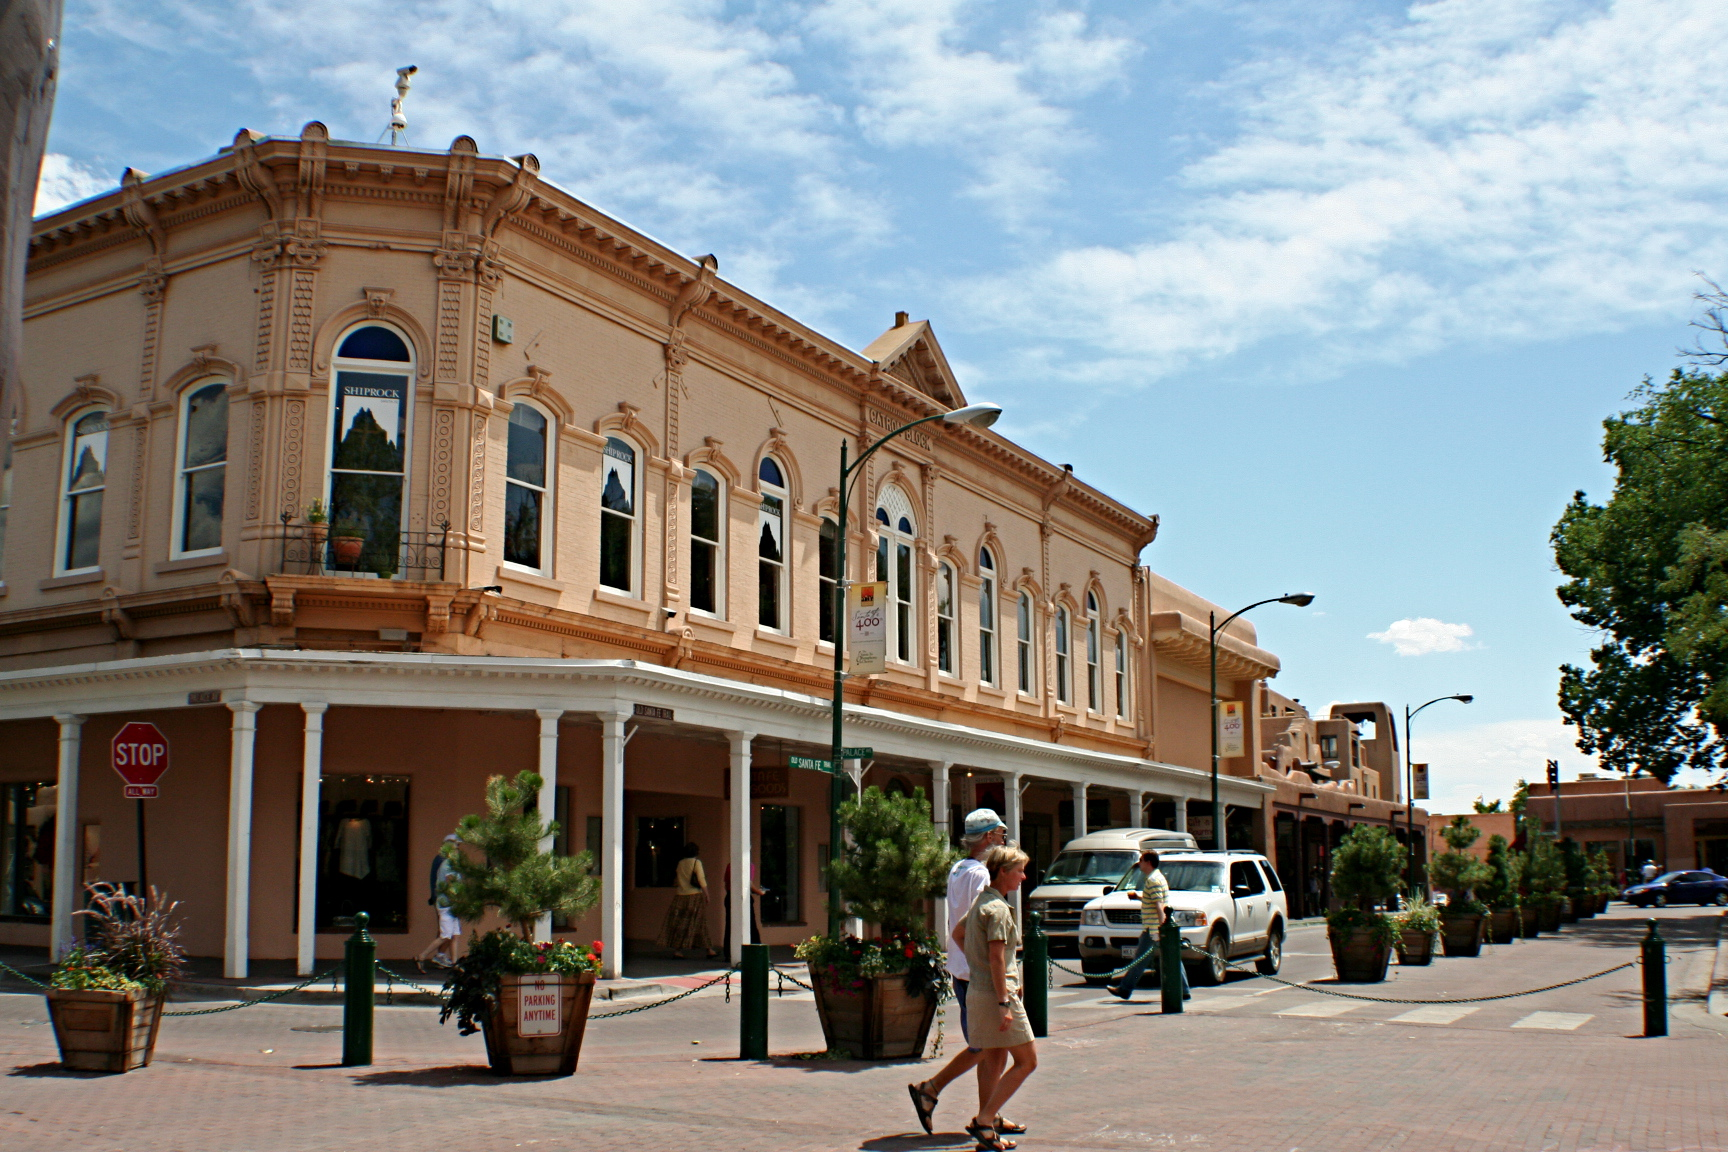 photograph of Santa Fe, New Mexico